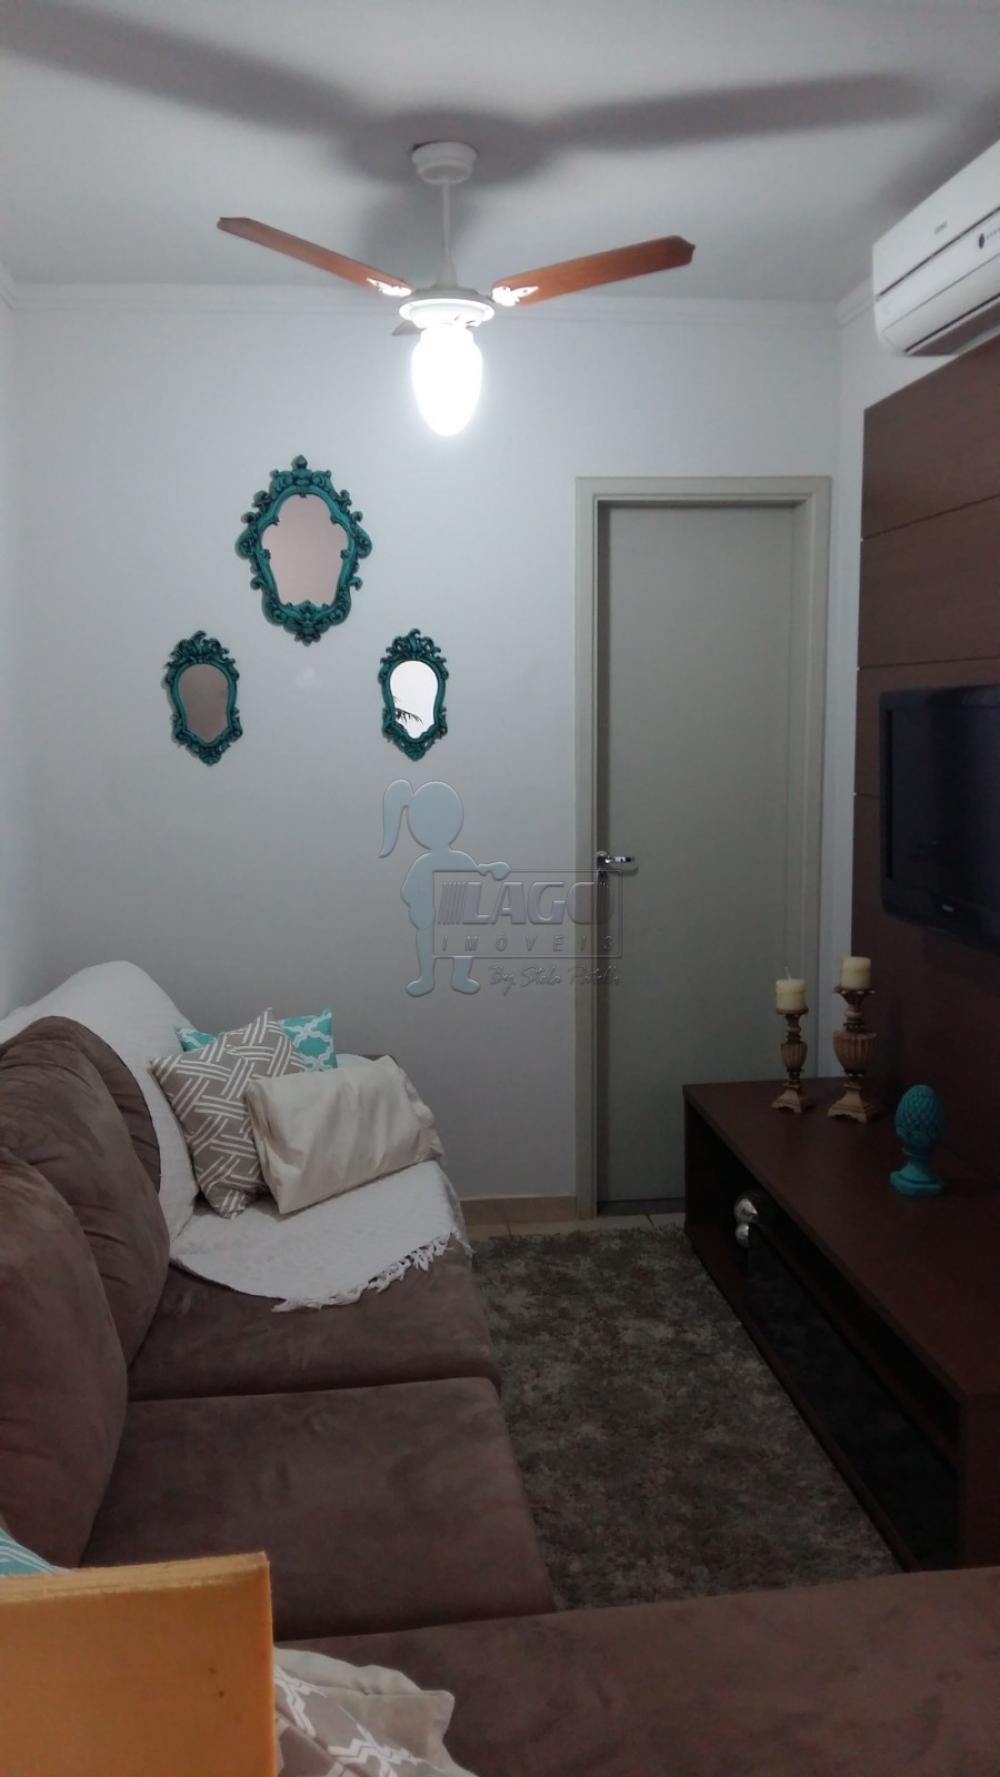 Comprar Apartamento / Padrão em Ribeirão Preto apenas R$ 240.000,00 - Foto 17